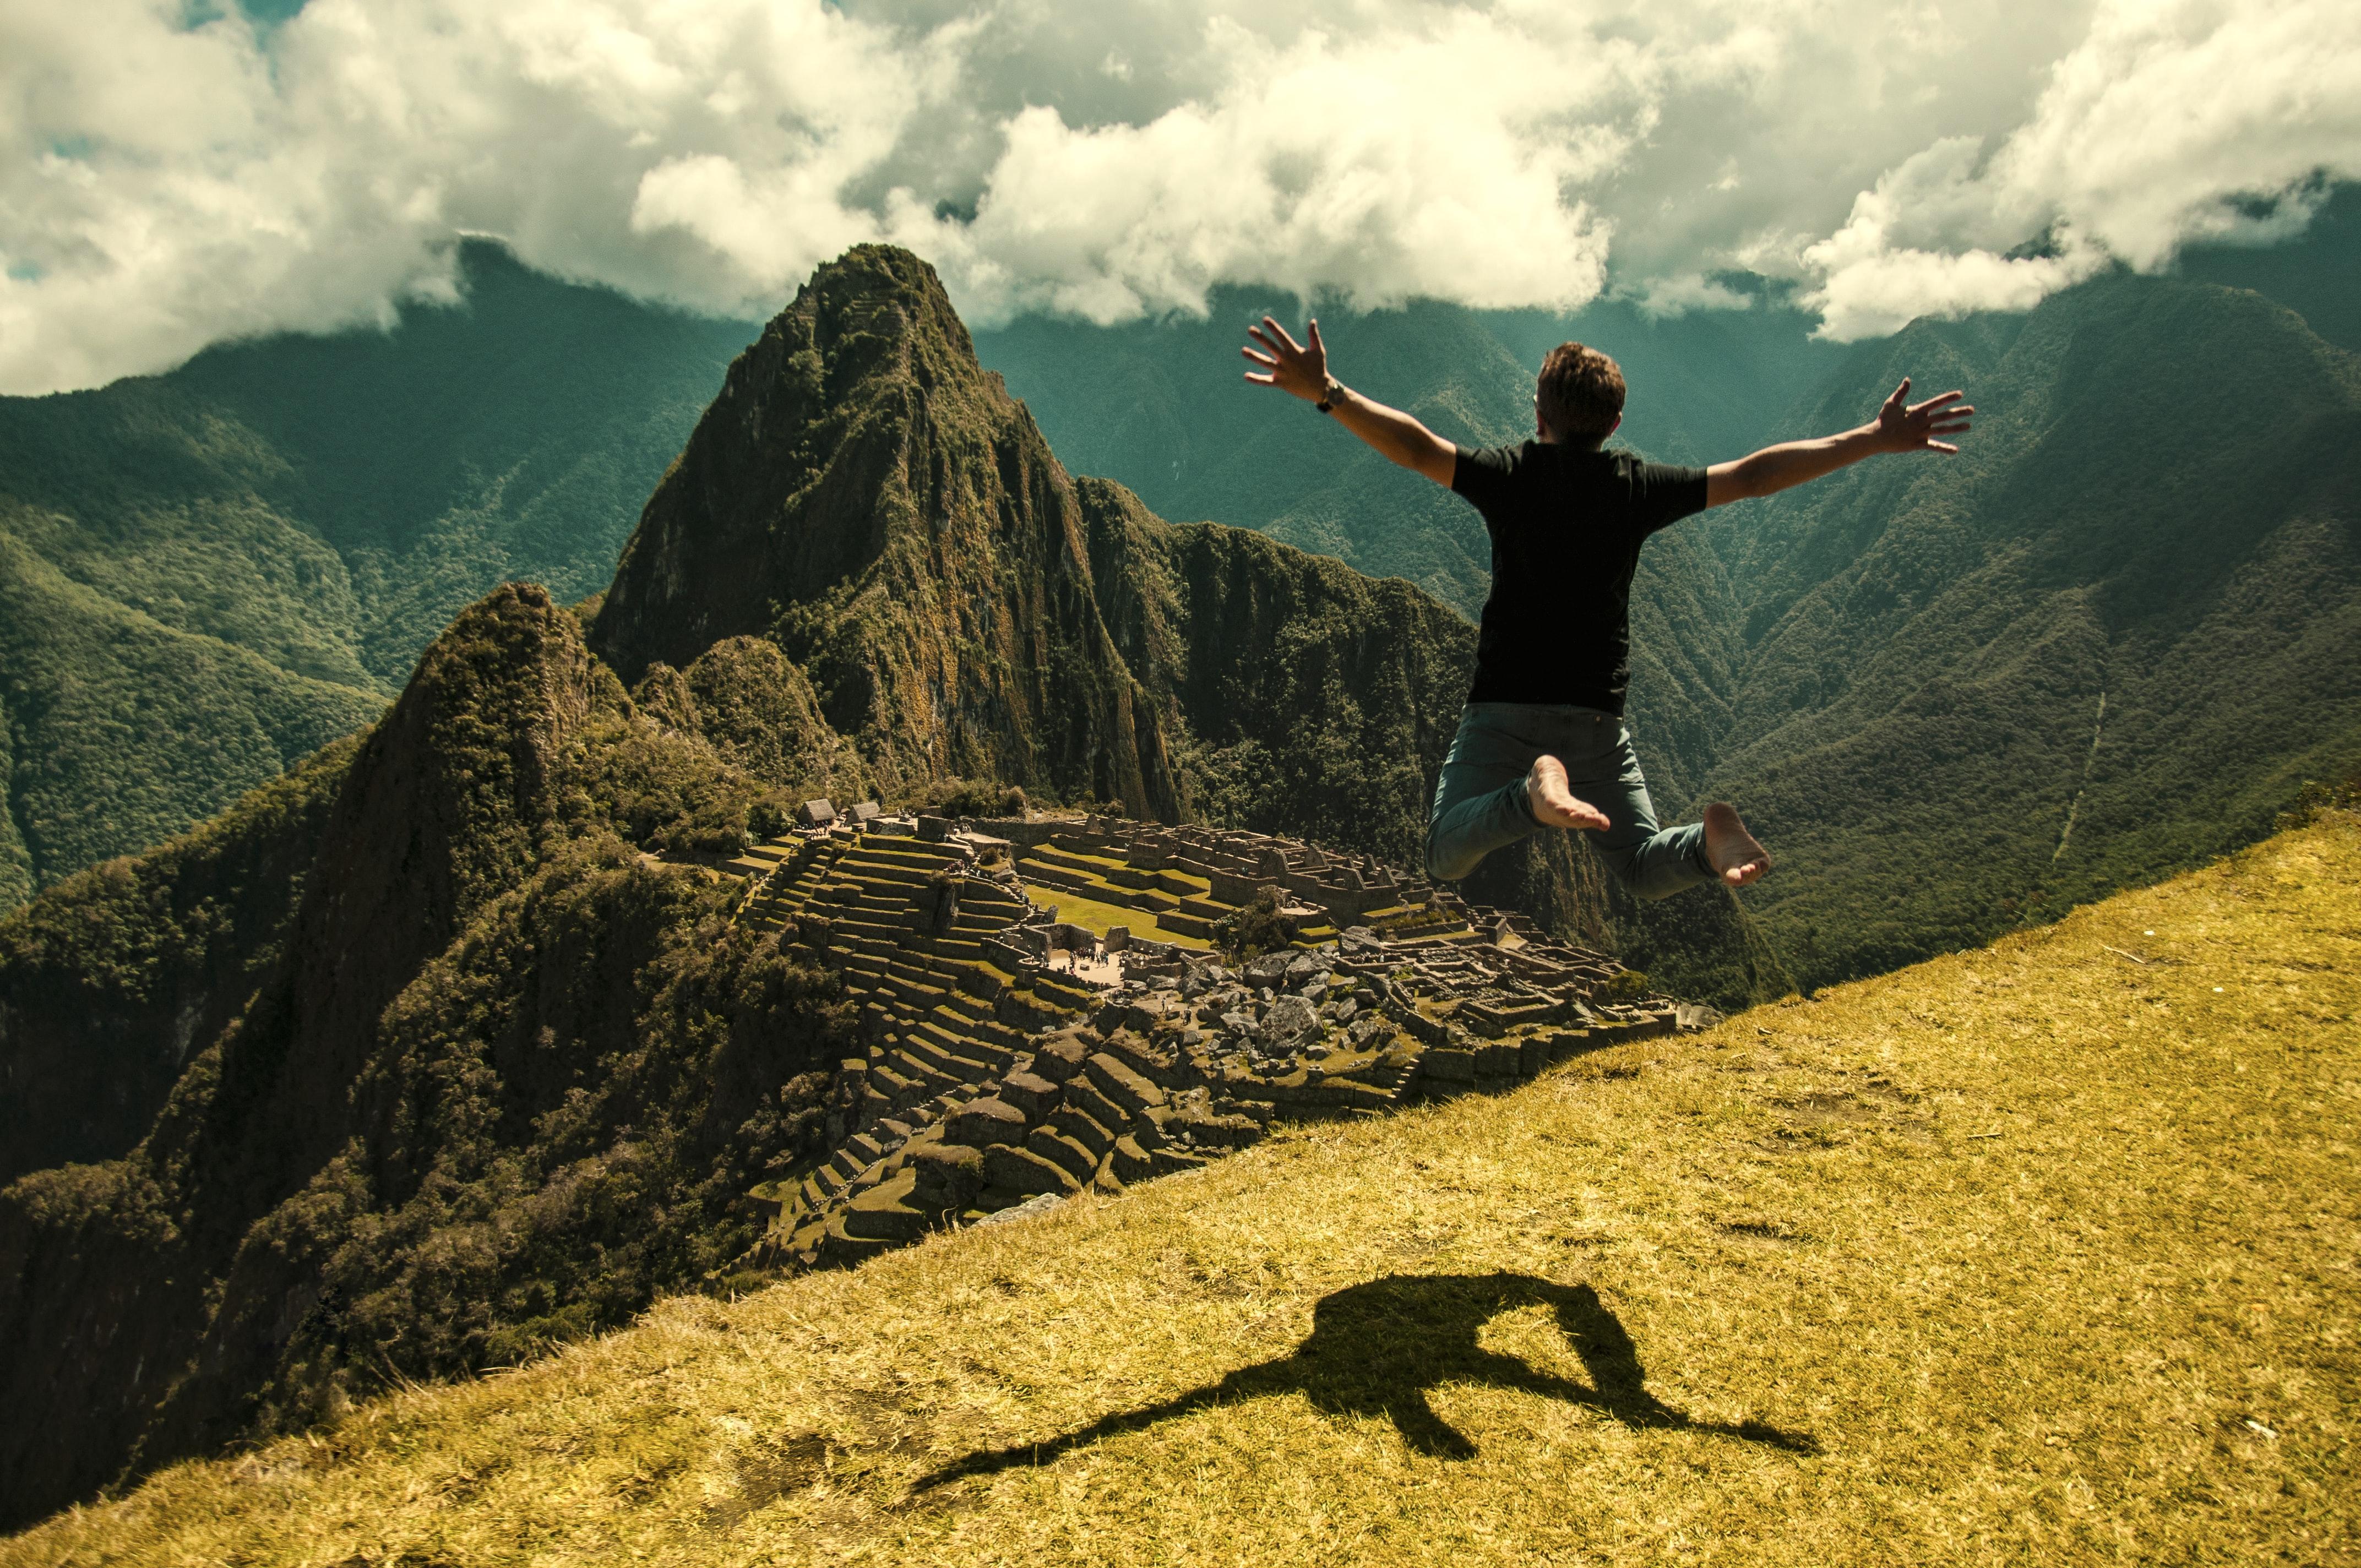 man jumping in green open field